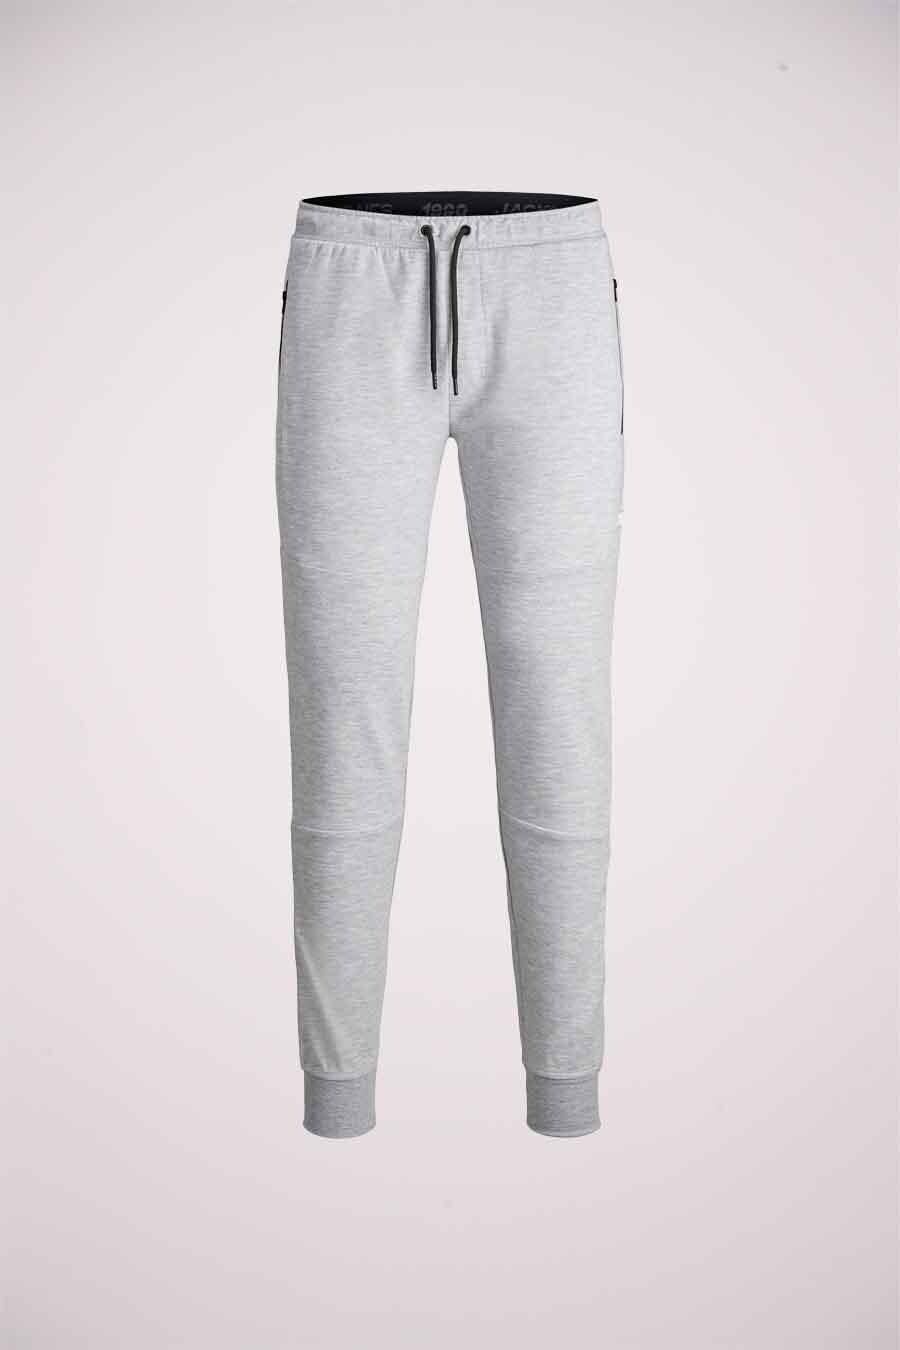 Jack & Jones Jeans Intelligence Jogging, Grijs, Heren, Maat: L/M/S/XL/XS